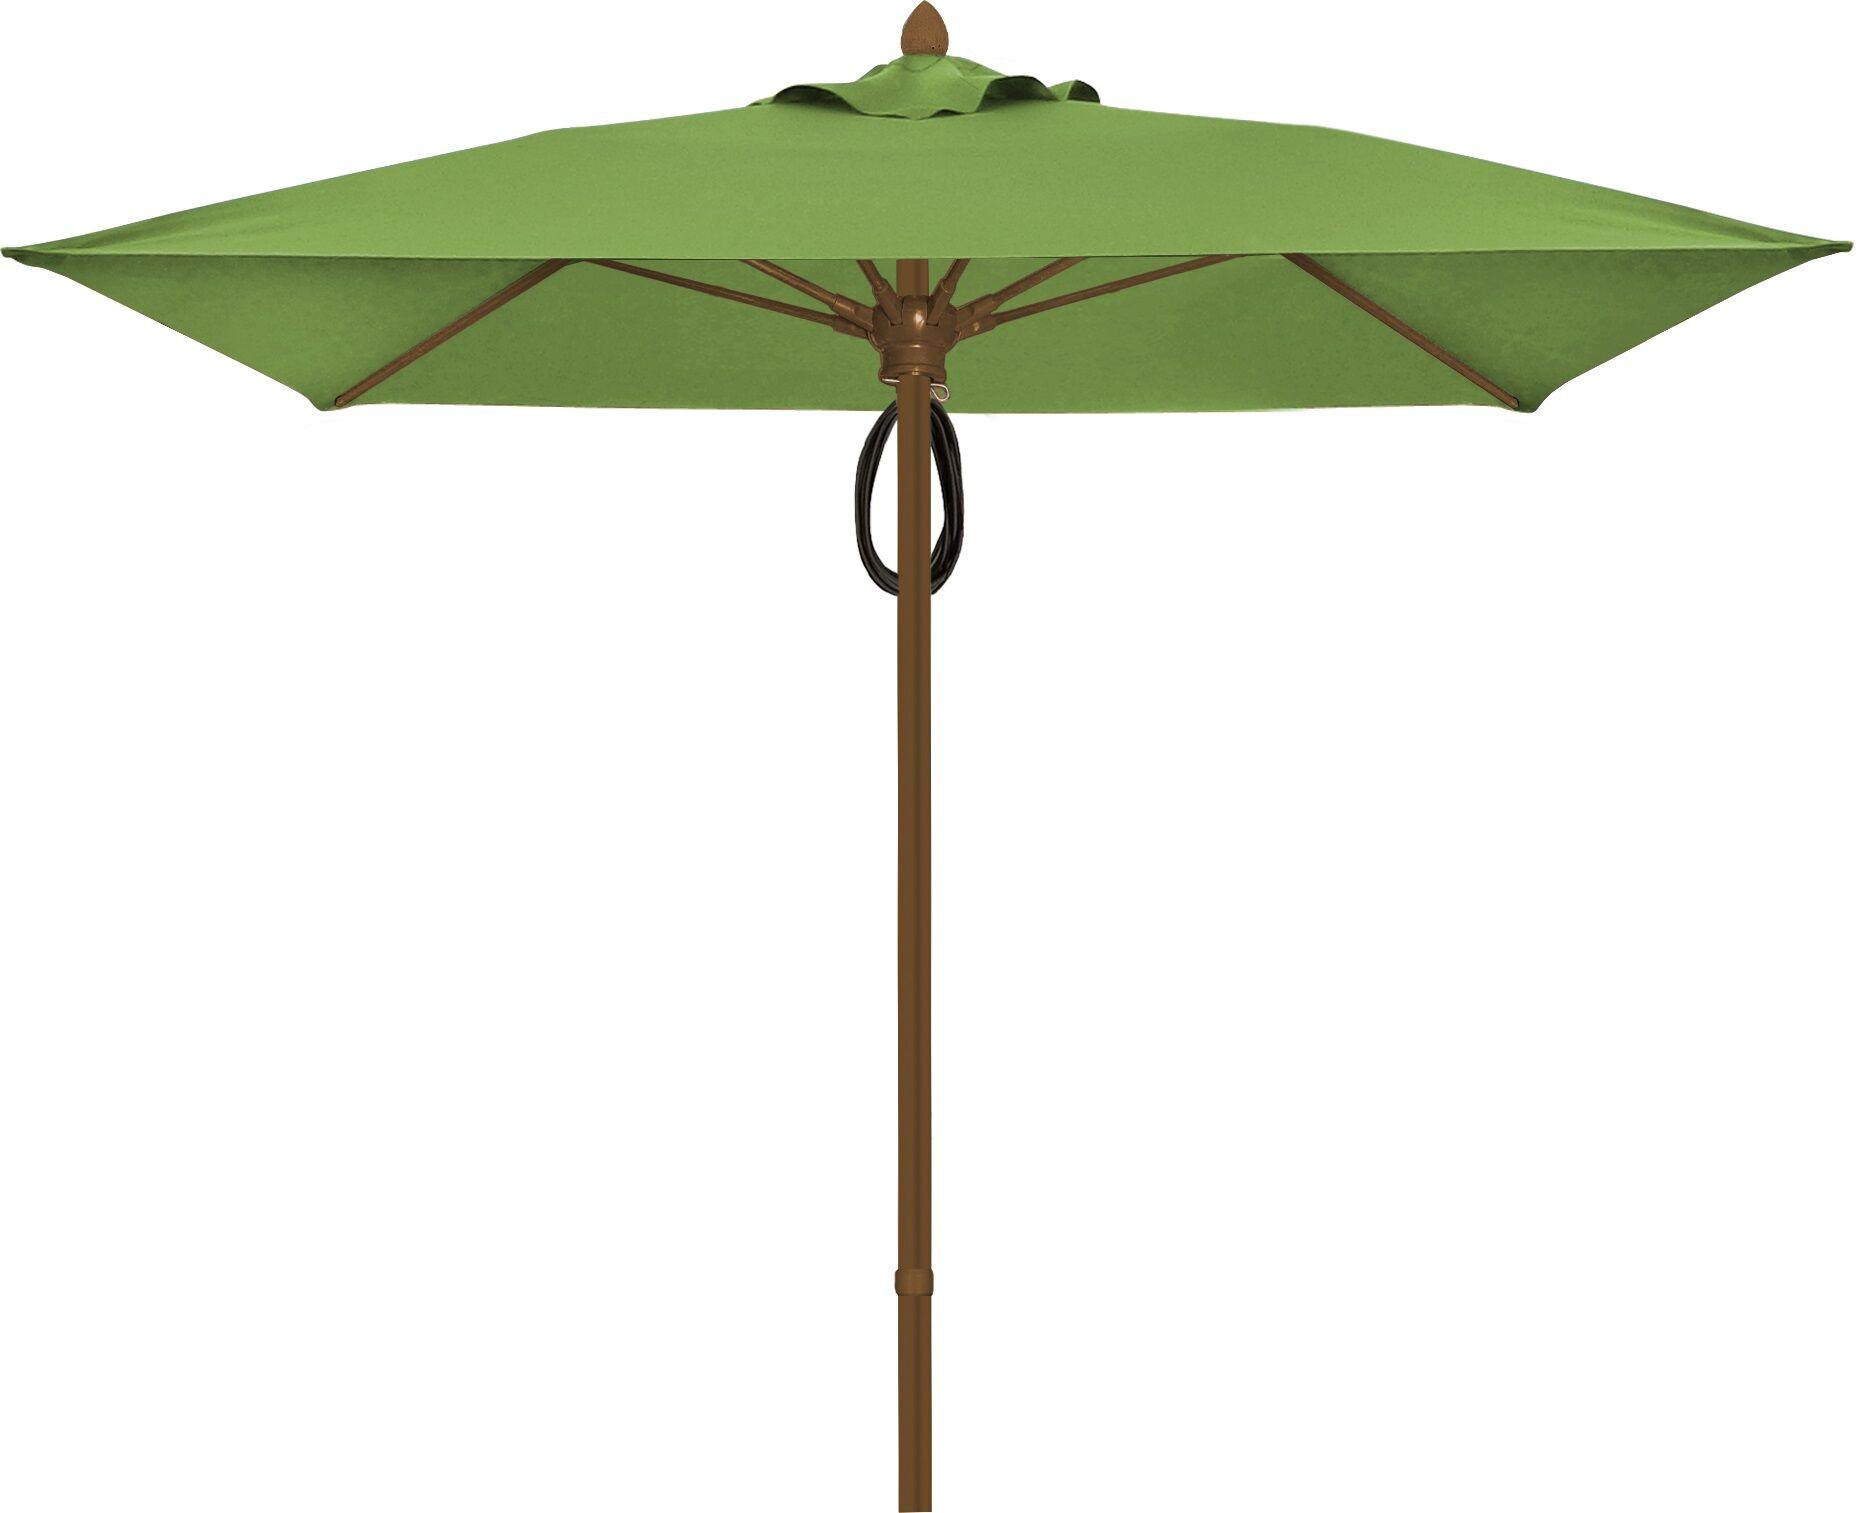 Prestige 7.5' Square Market Umbrella Frame Finish: Champagne Bronze, Fabric: Macaw